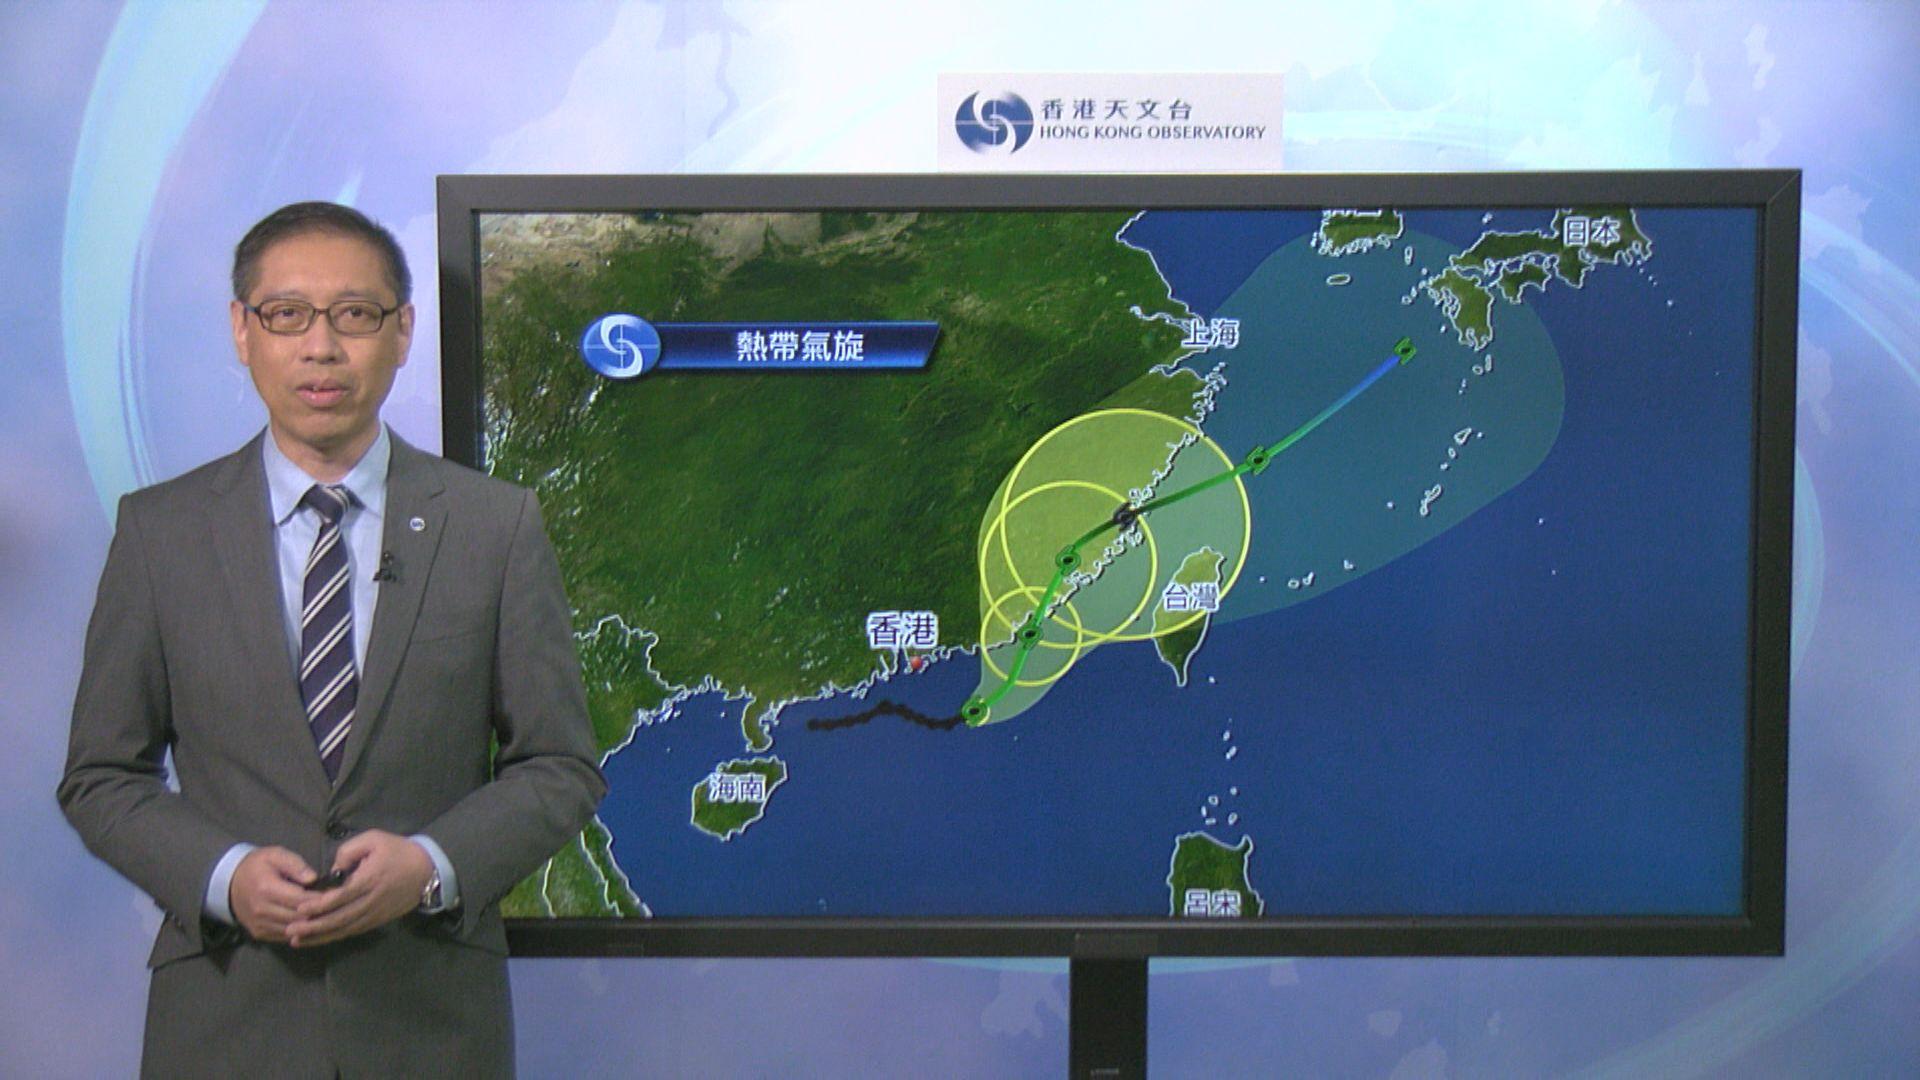 【一號信號】天文台:熱帶風暴盧碧按照預測路徑會繼續遠離本港